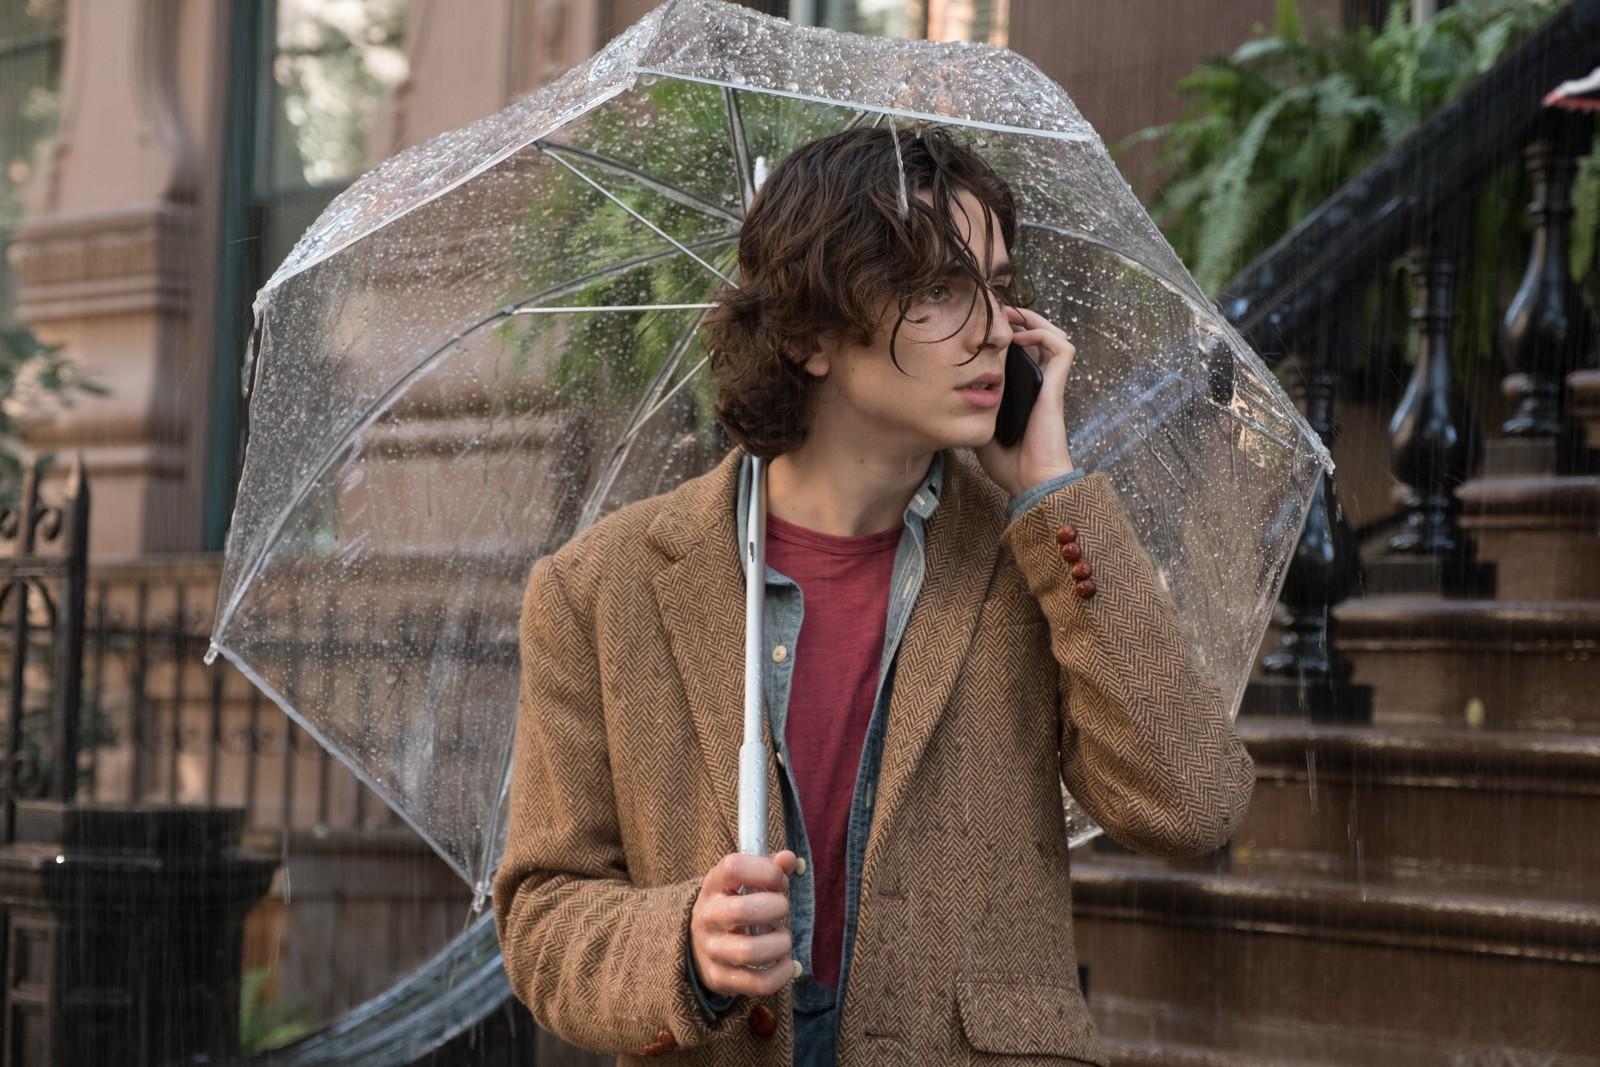 《雨天.紐約》提摩西與賽琳娜、艾兒芬妮浪漫糾纏 自彈自唱爵士樂迷倒千萬粉絲